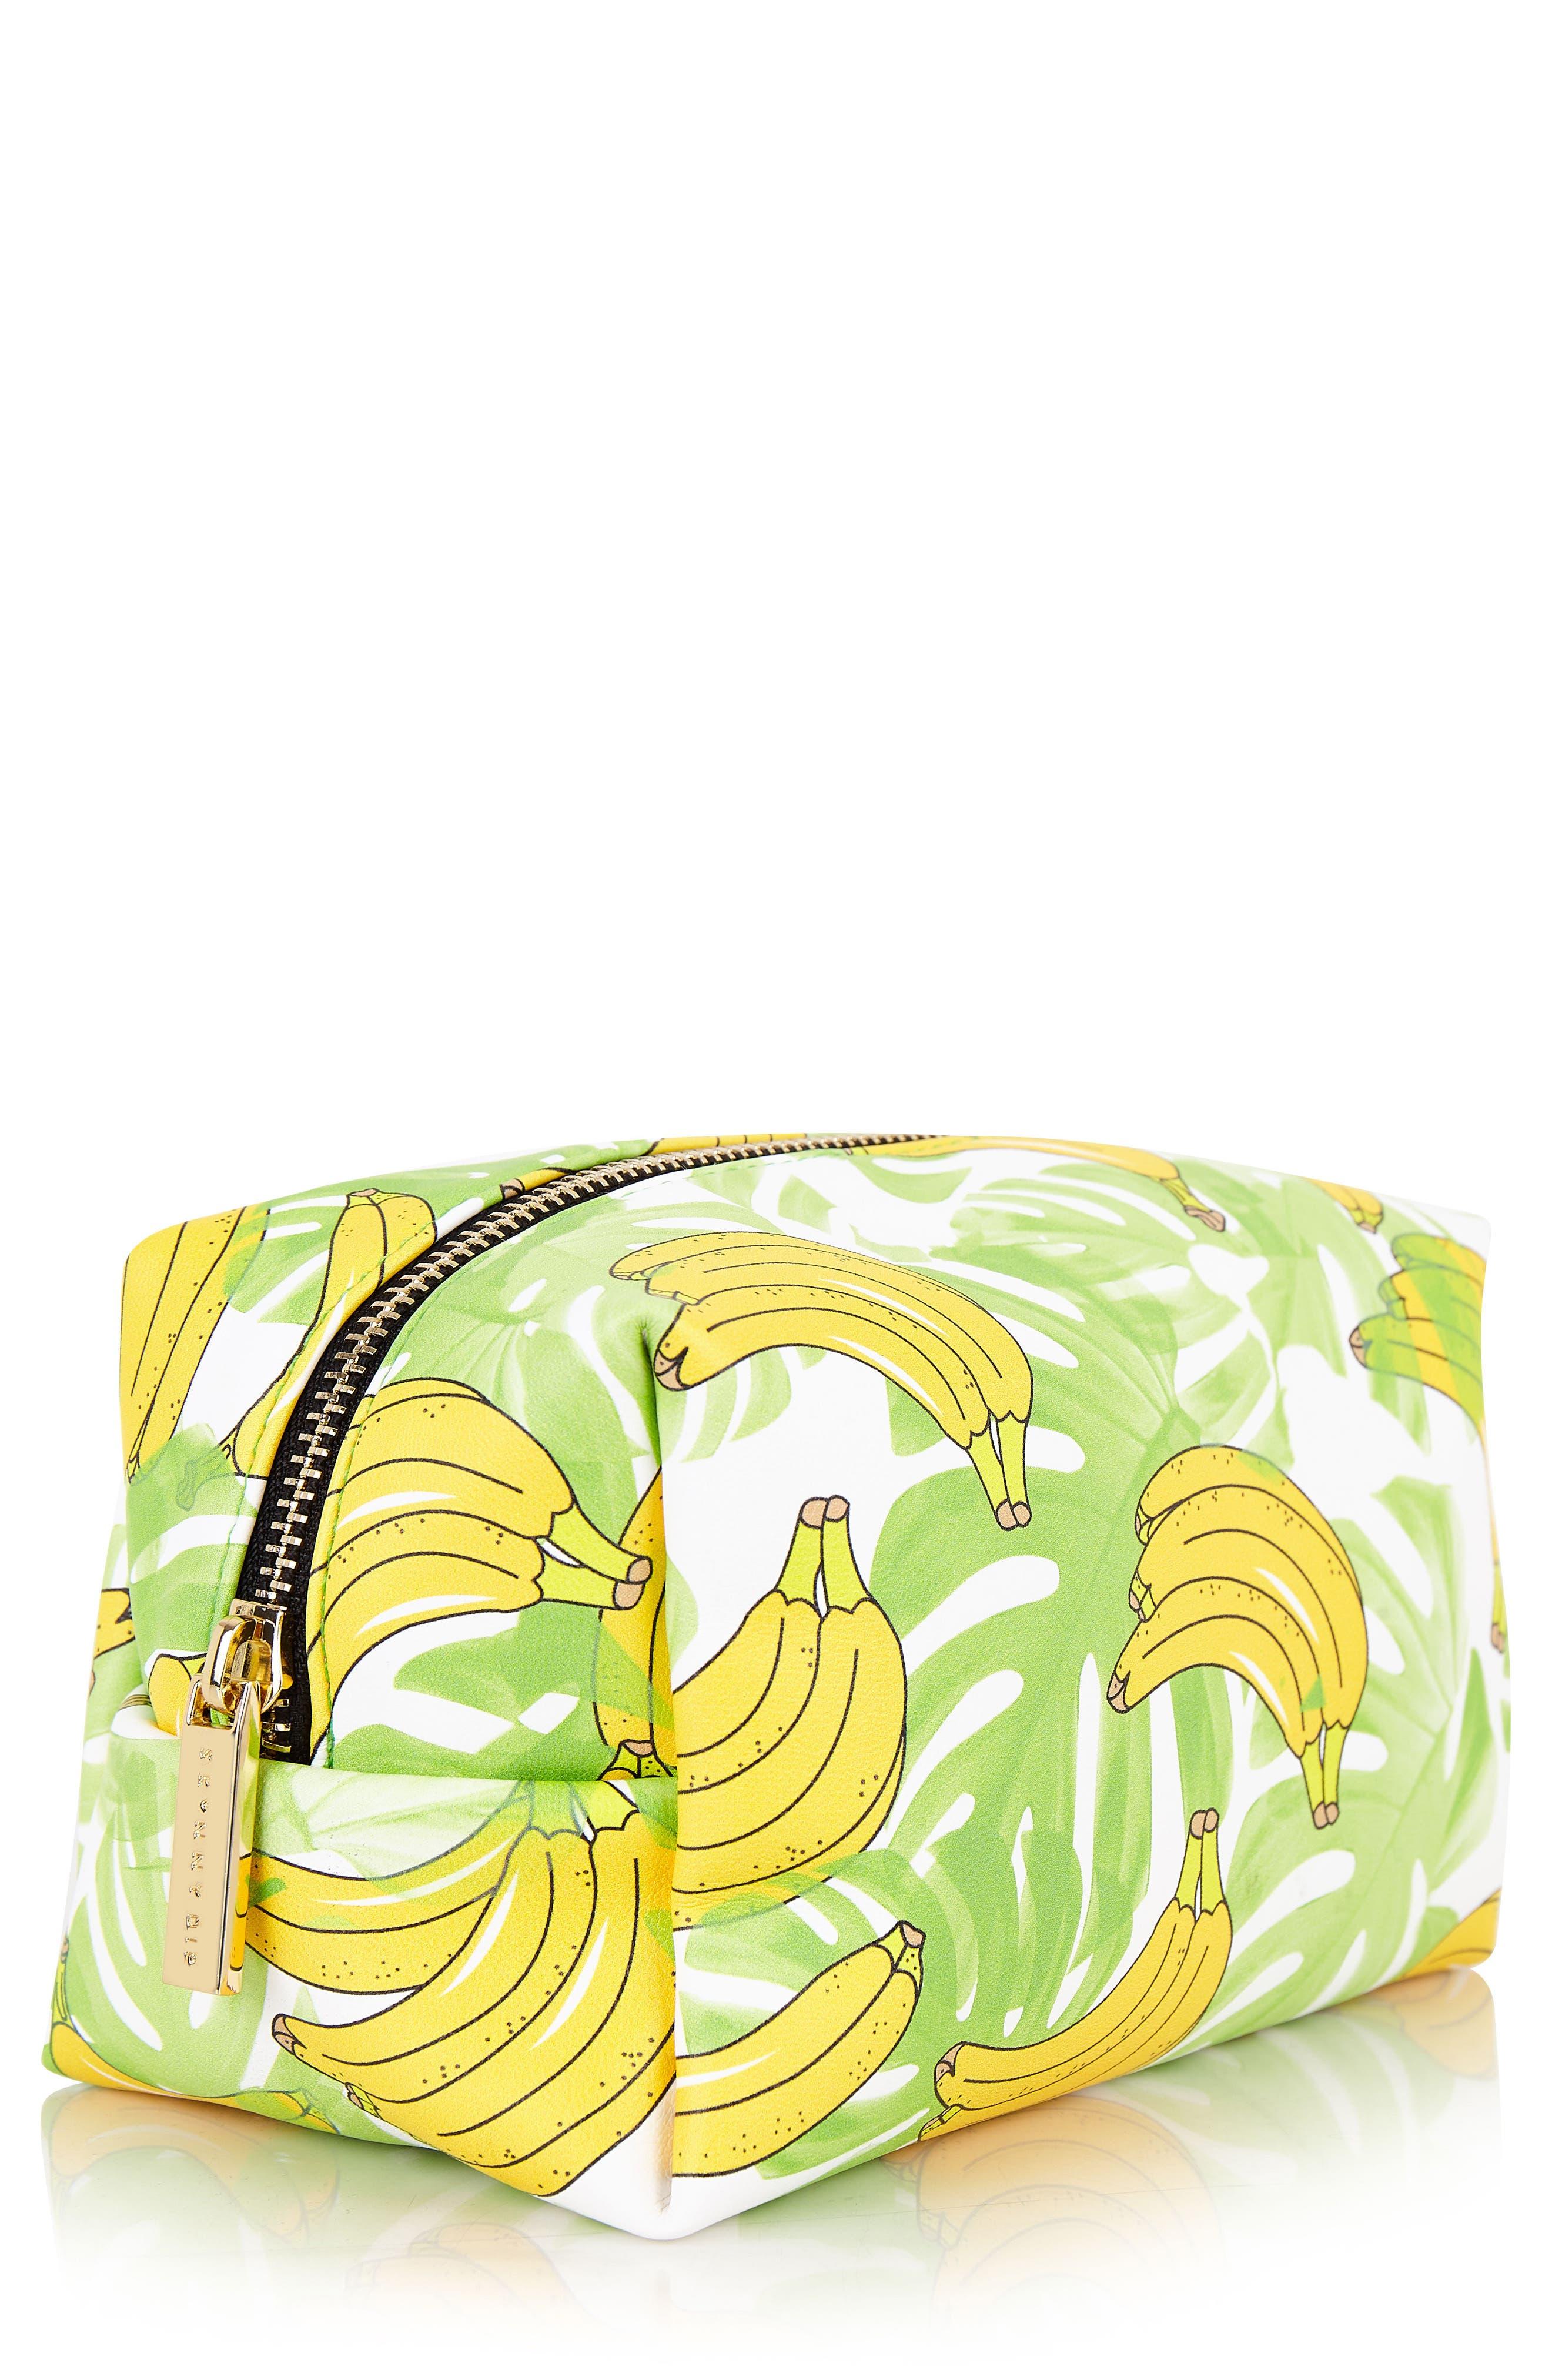 Skinny Dip Banana Makeup Bag